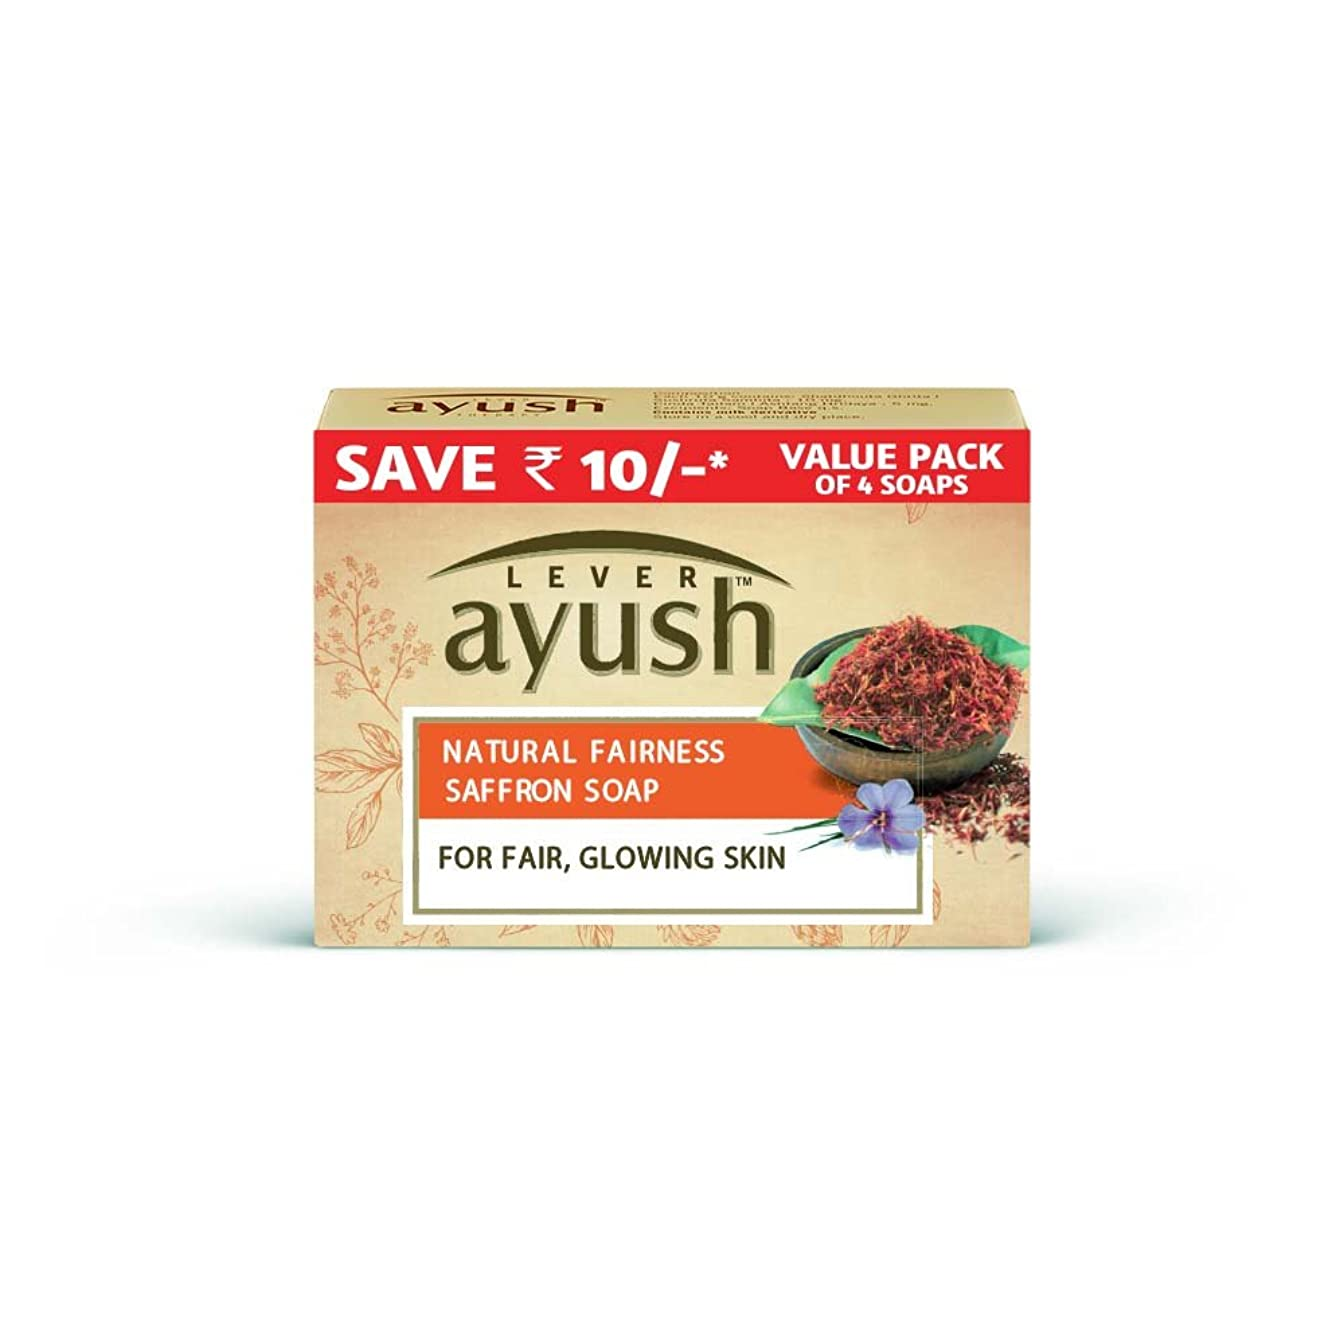 うるさい樹皮見ましたLever Ayush Natural Fairness Saffron Soap, 100g (Pack of 4)